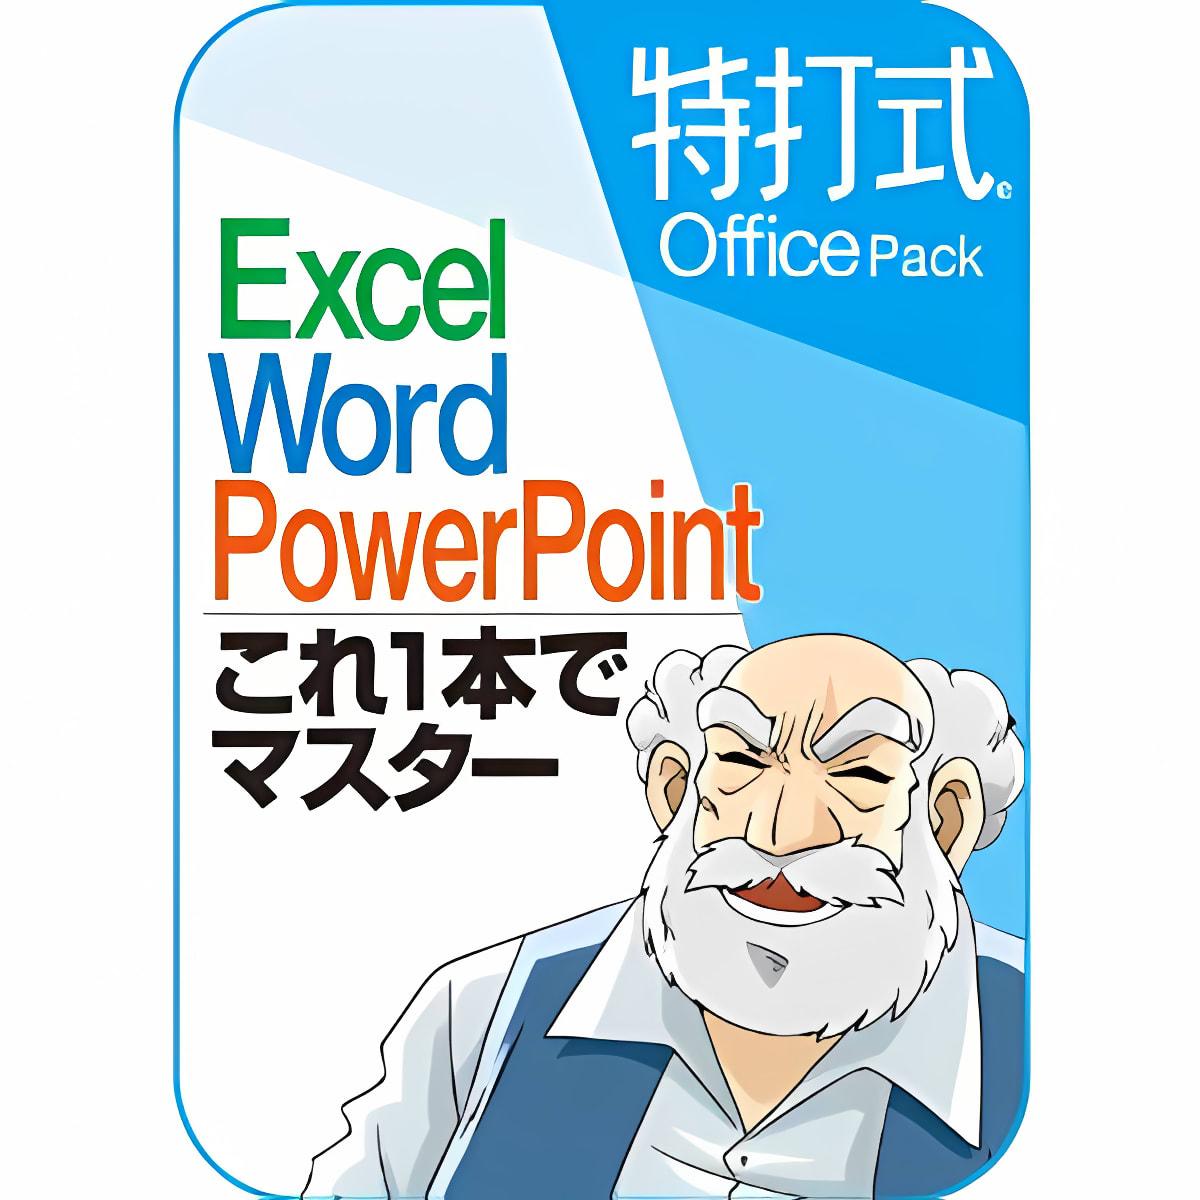 特打式® OfficePack